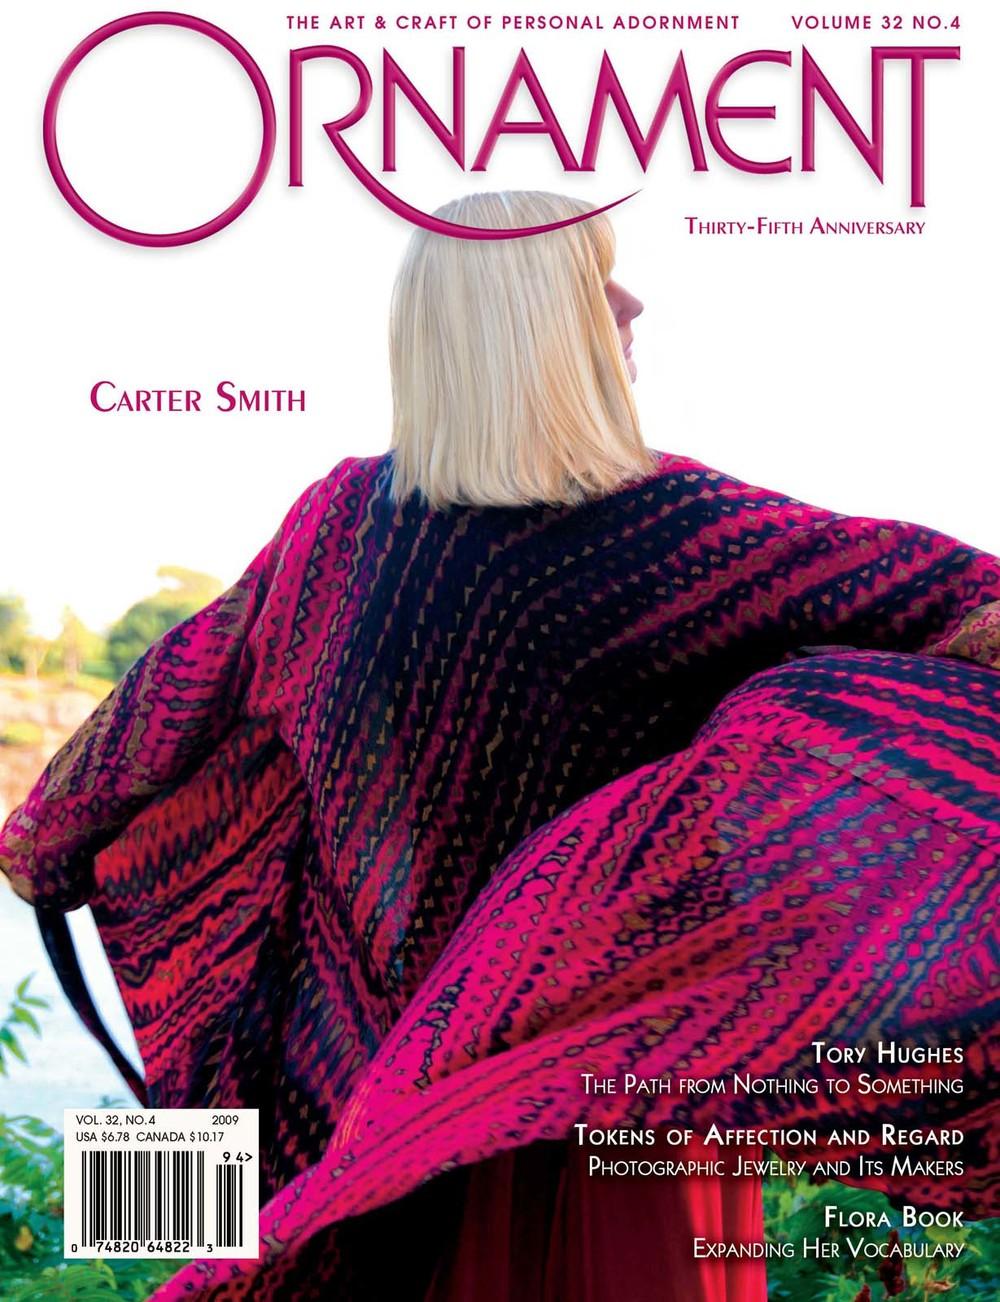 Orn32_4_Cover.jpg